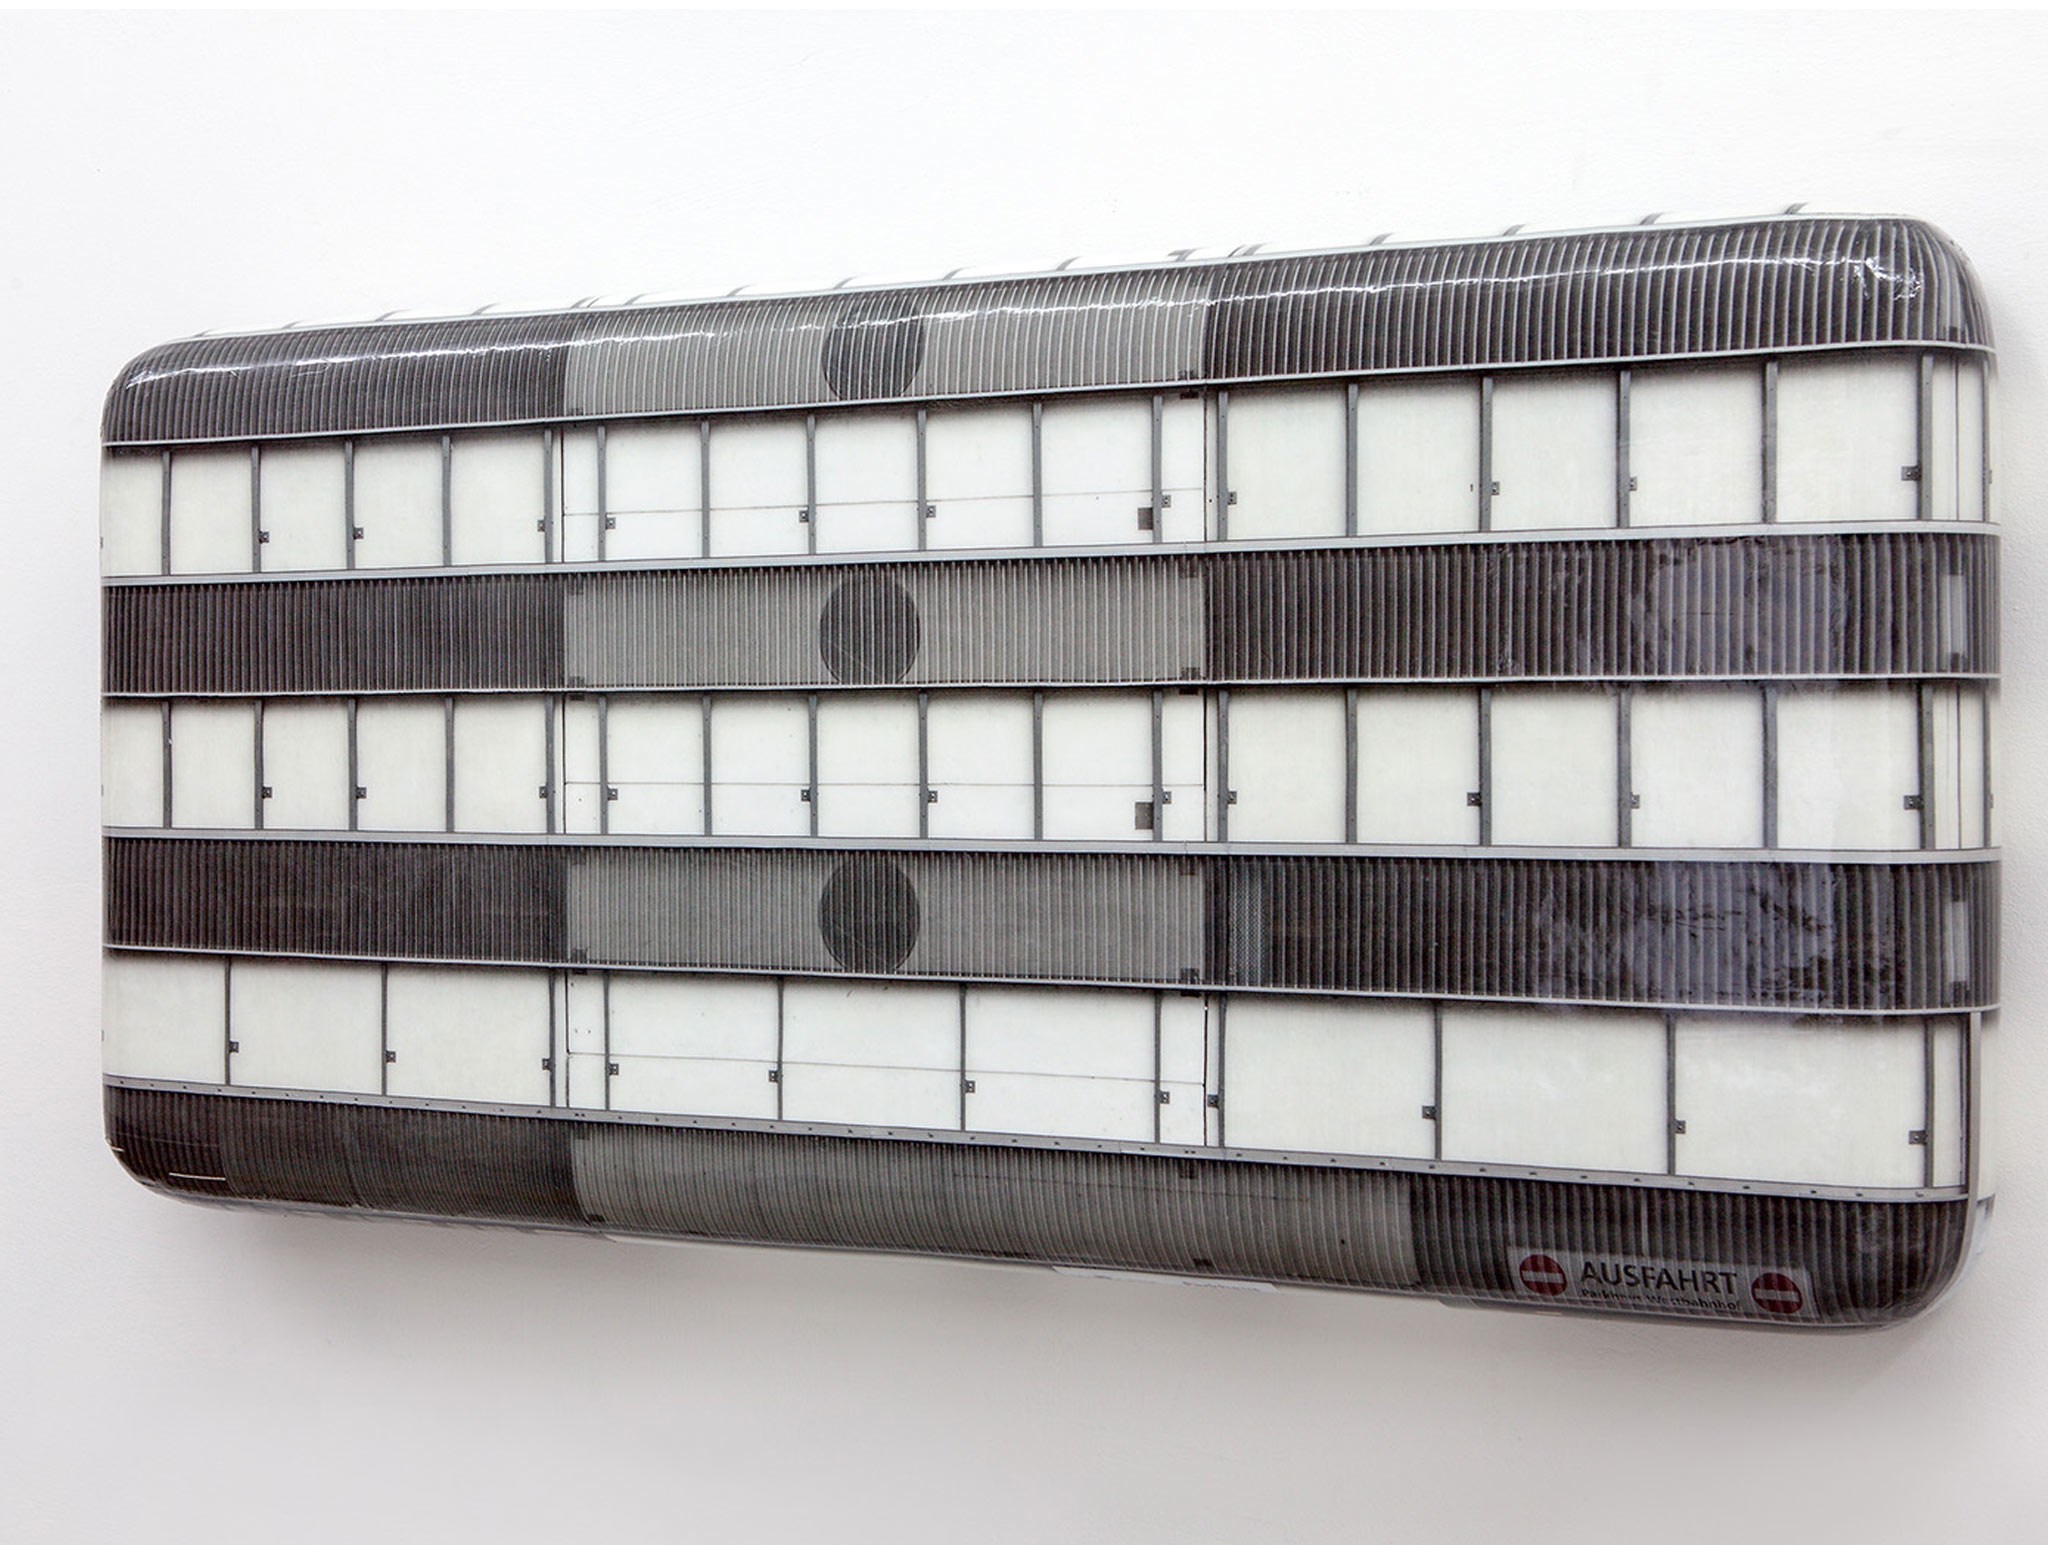 Parkhaus-2-large